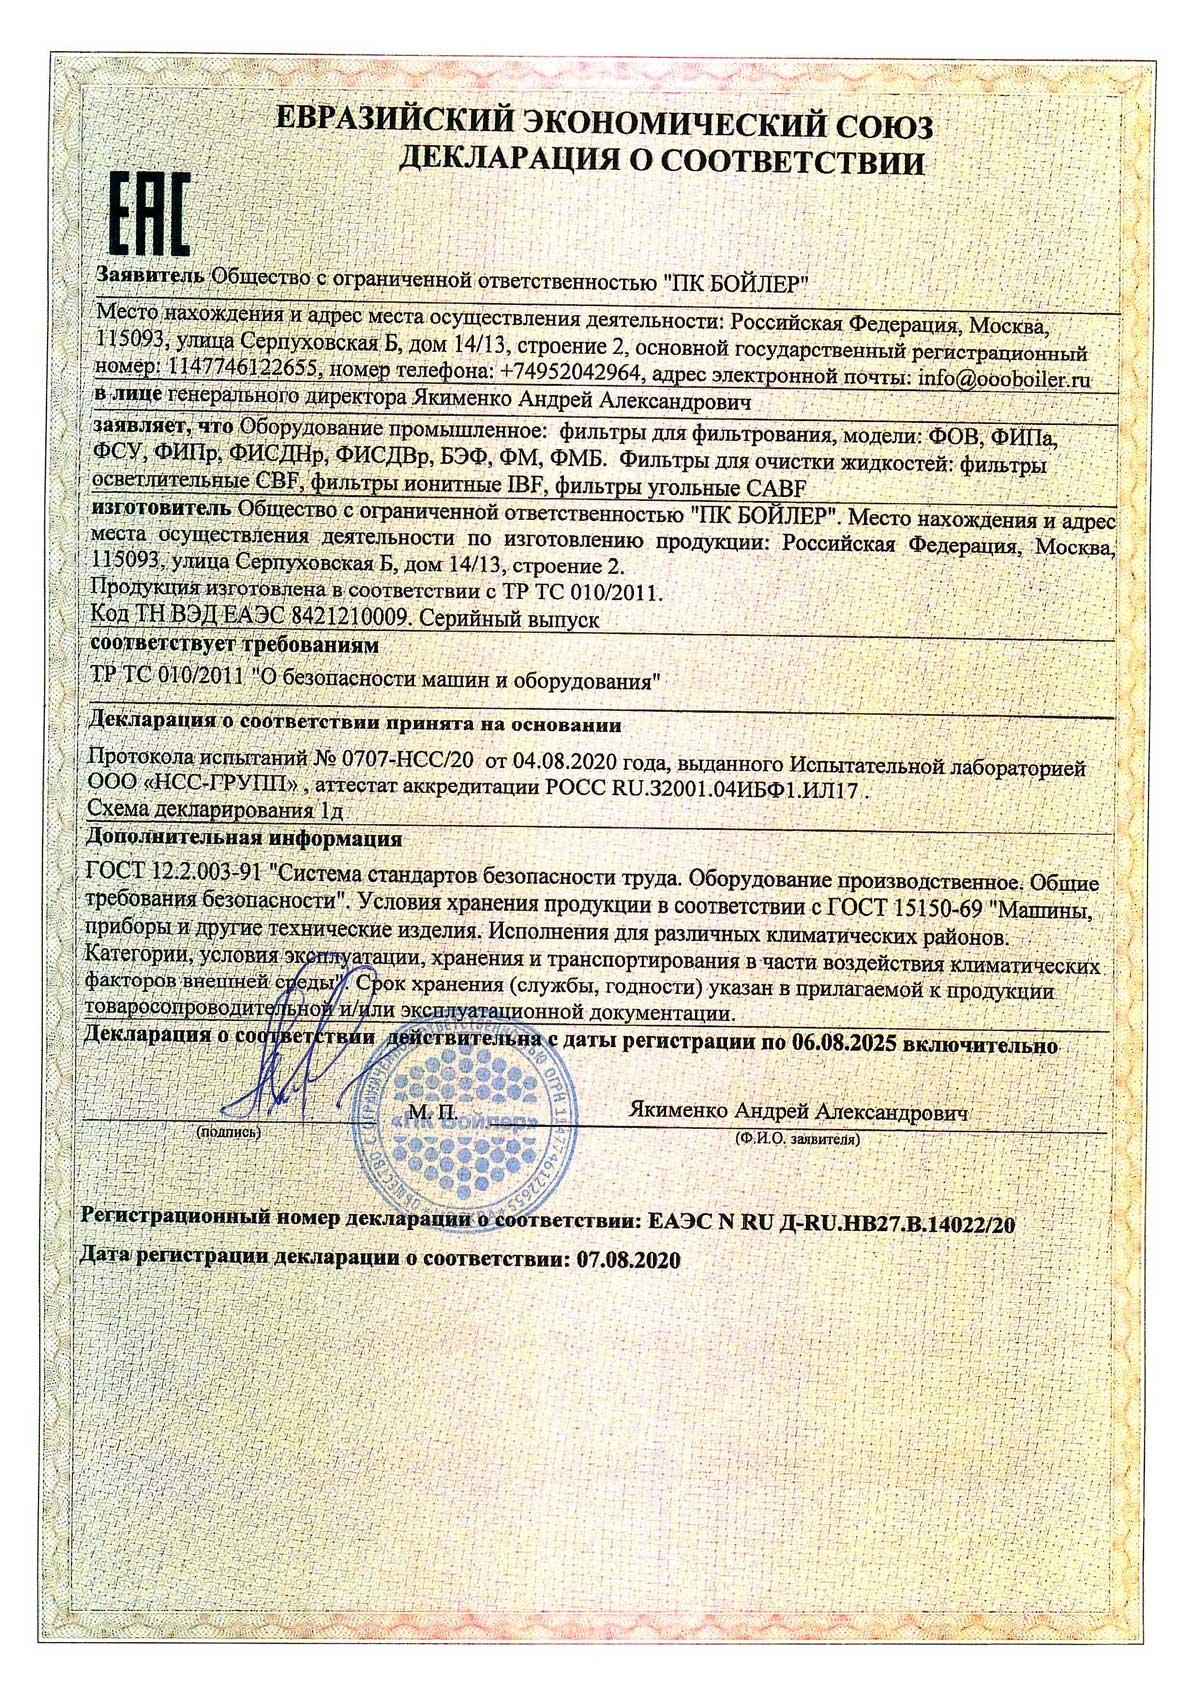 Декларация о соответствии ТР ТС 010/2011 на водоподготовительное оборудование